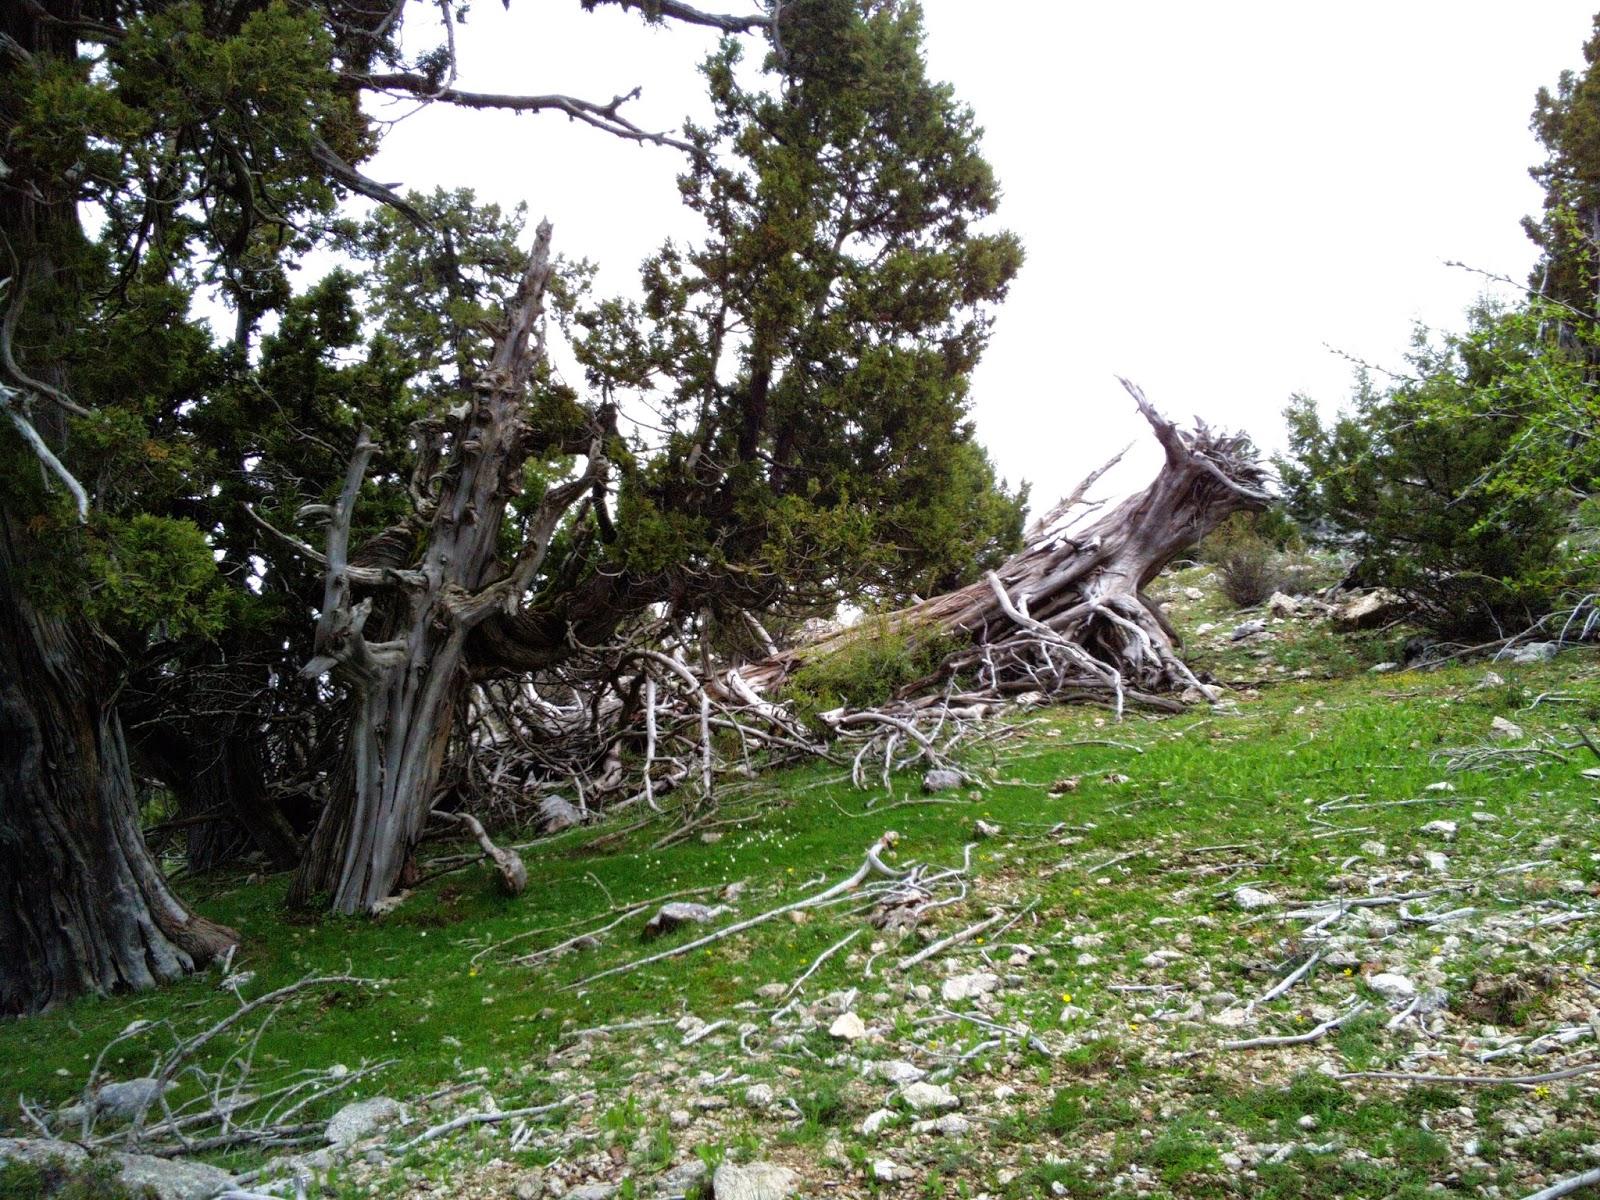 26e9b44b104 Esimene punkt asus kohe 600 m tõusuga mäe otsas, kuhu jõudmiseks oli kaardi  järgi jälle kõige kutsuvam kasutada musta rada. Paljud tiimid kulutasid  selle ...